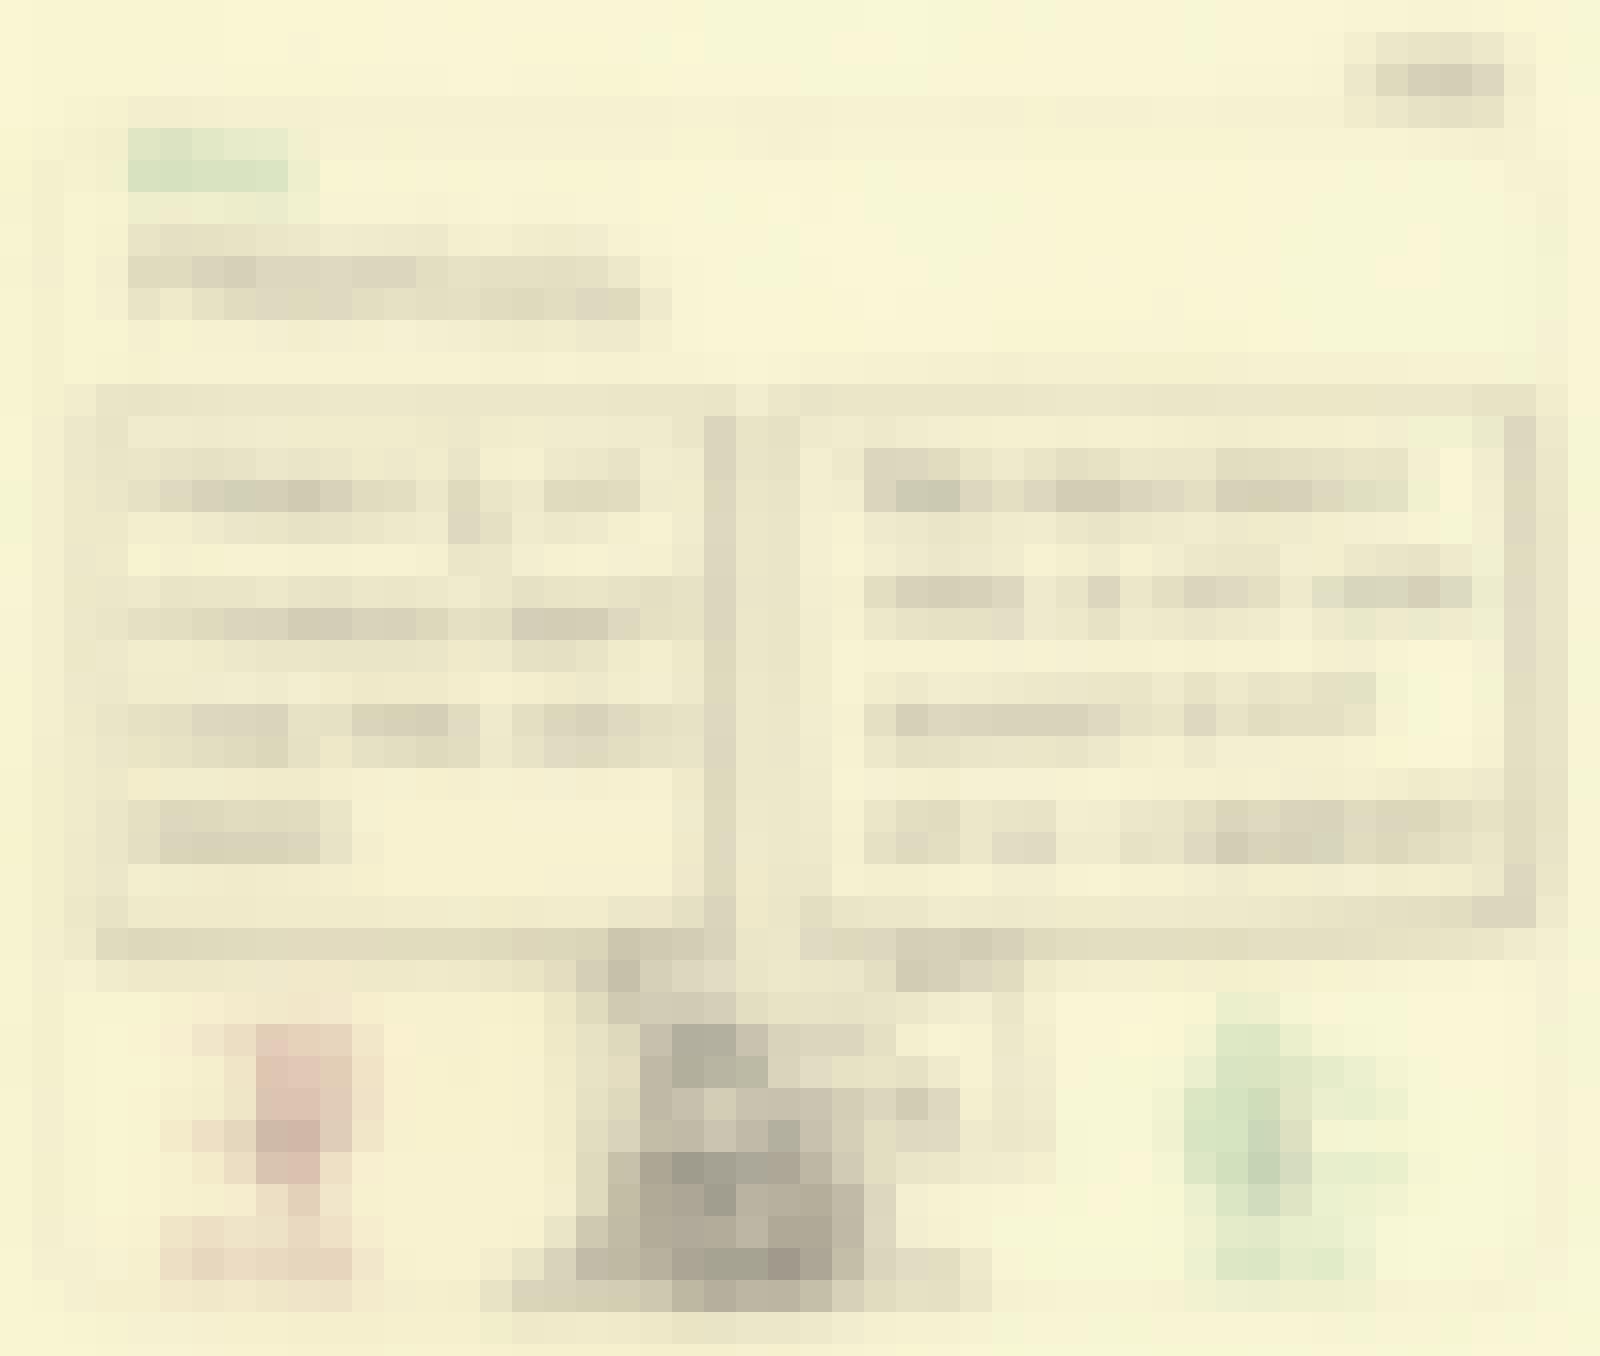 Framing - Sketchplanations